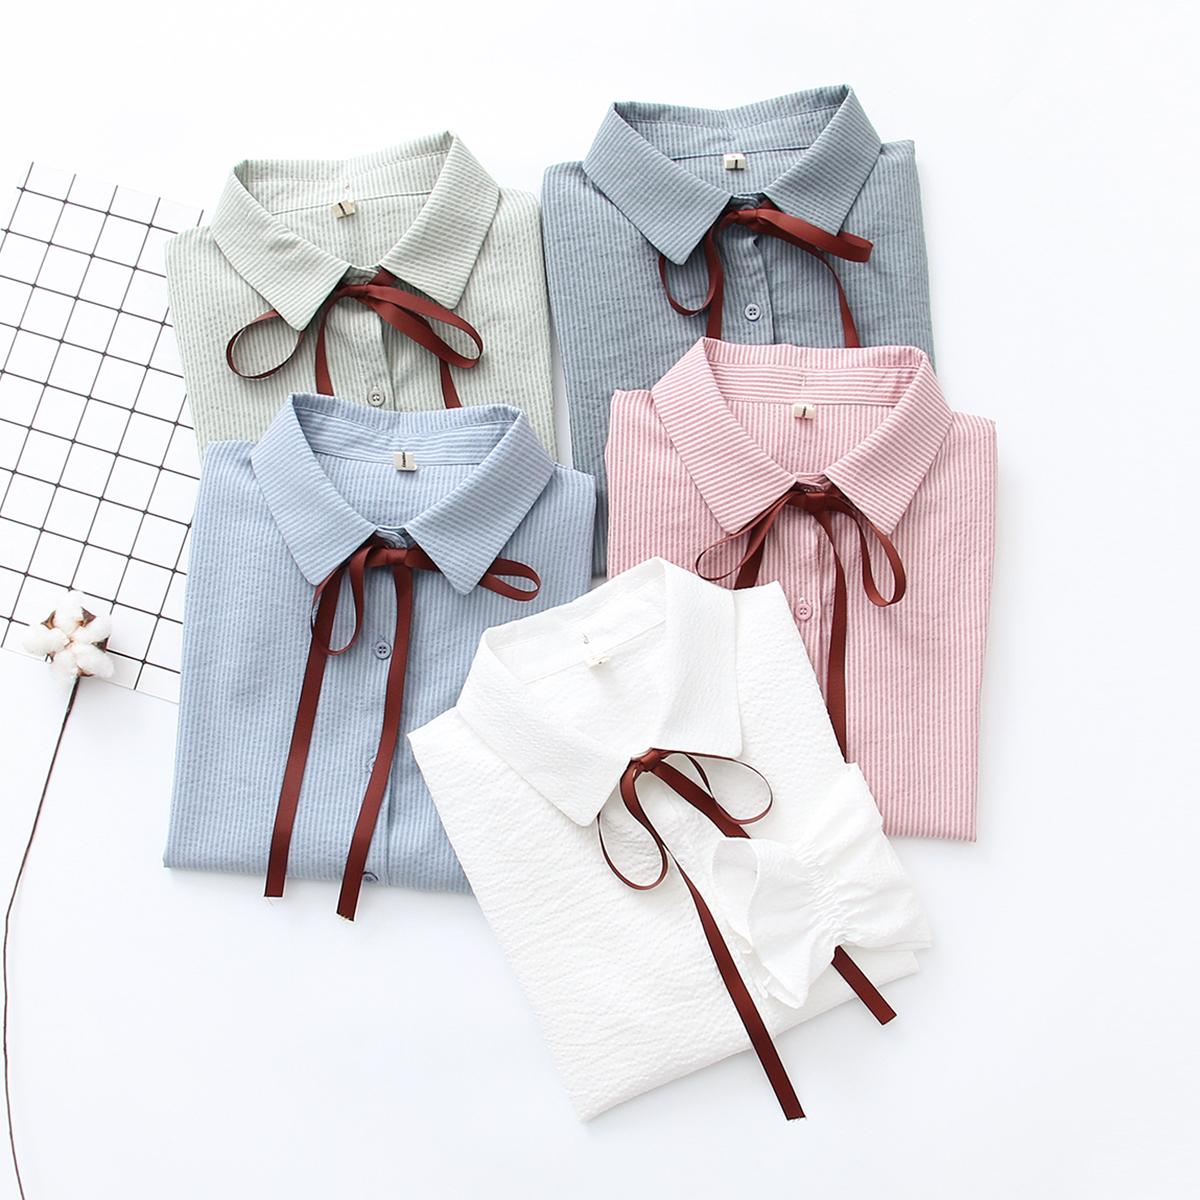 新款韩版chic风时尚格子拼色喇叭袖套头衬衫百搭显瘦上衣女潮